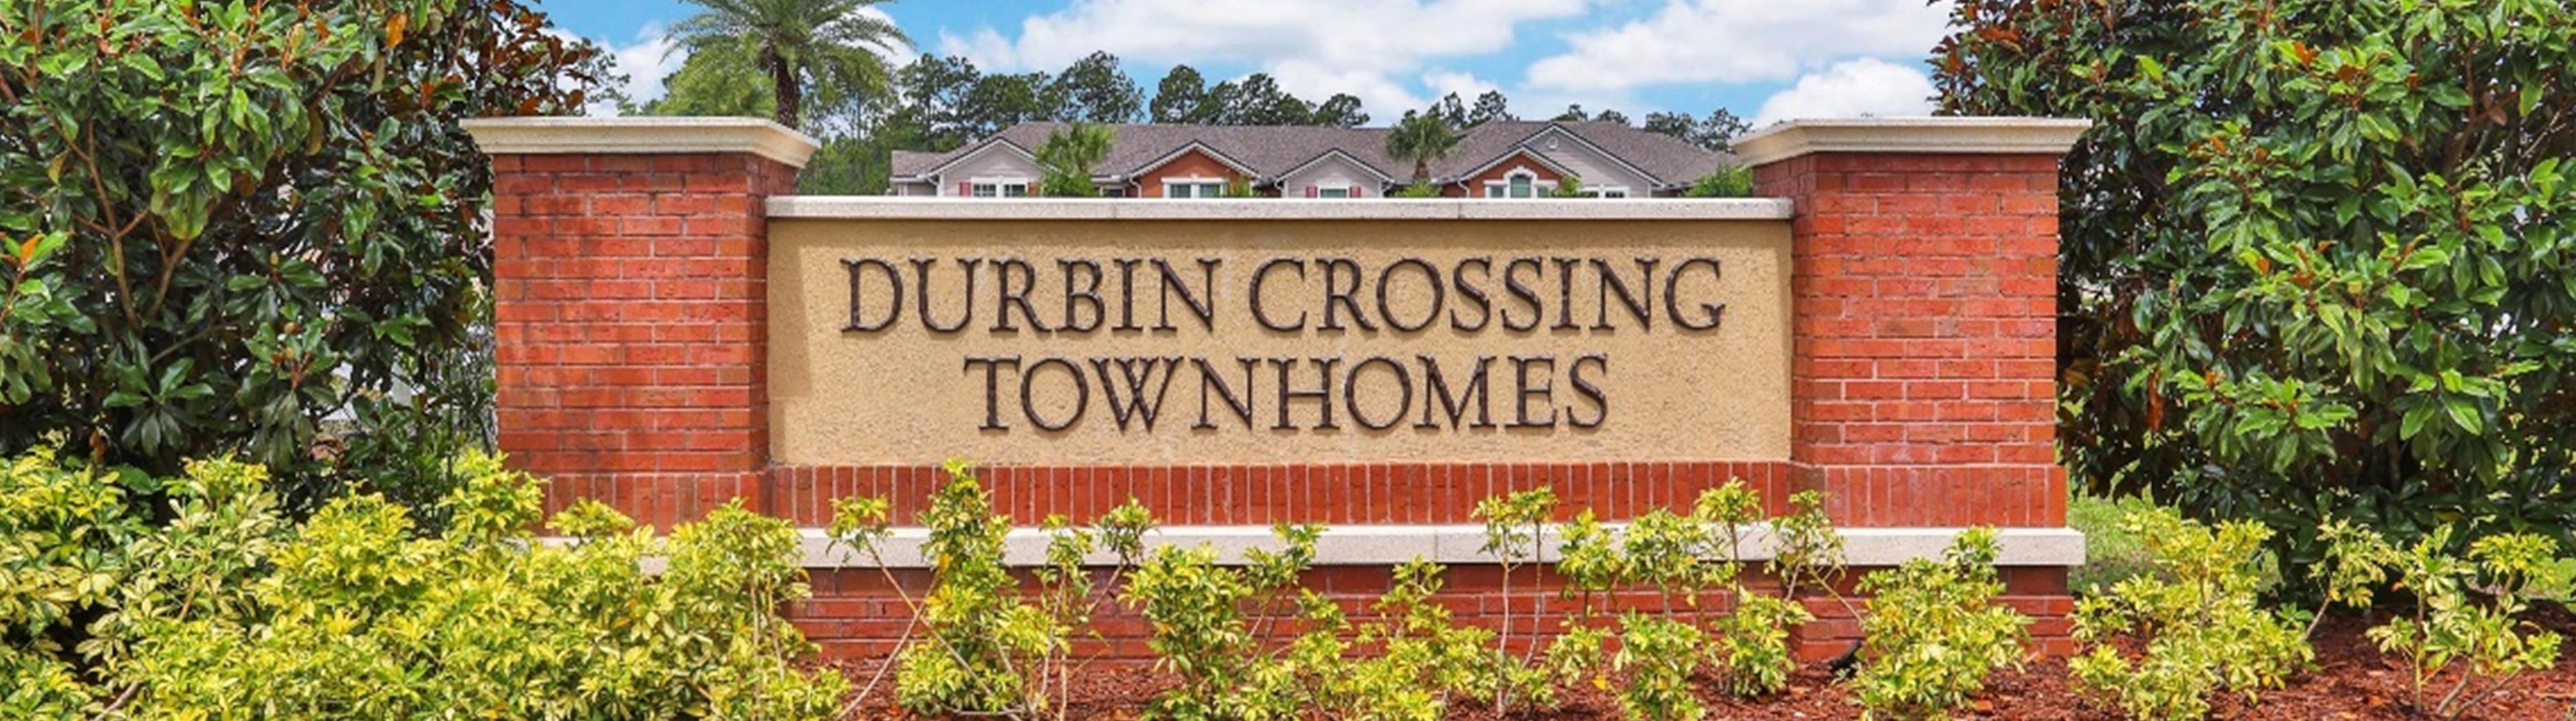 Durbin Crossing Header Image